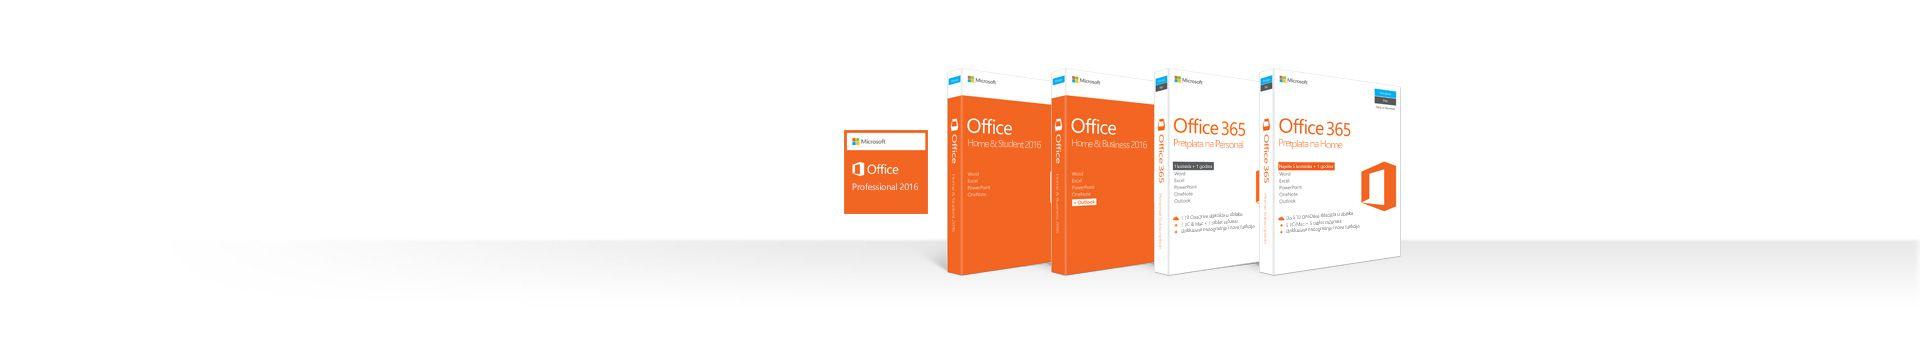 Red polja koja predstavljaju pretplatu na Office i samostalne proizvode za PC